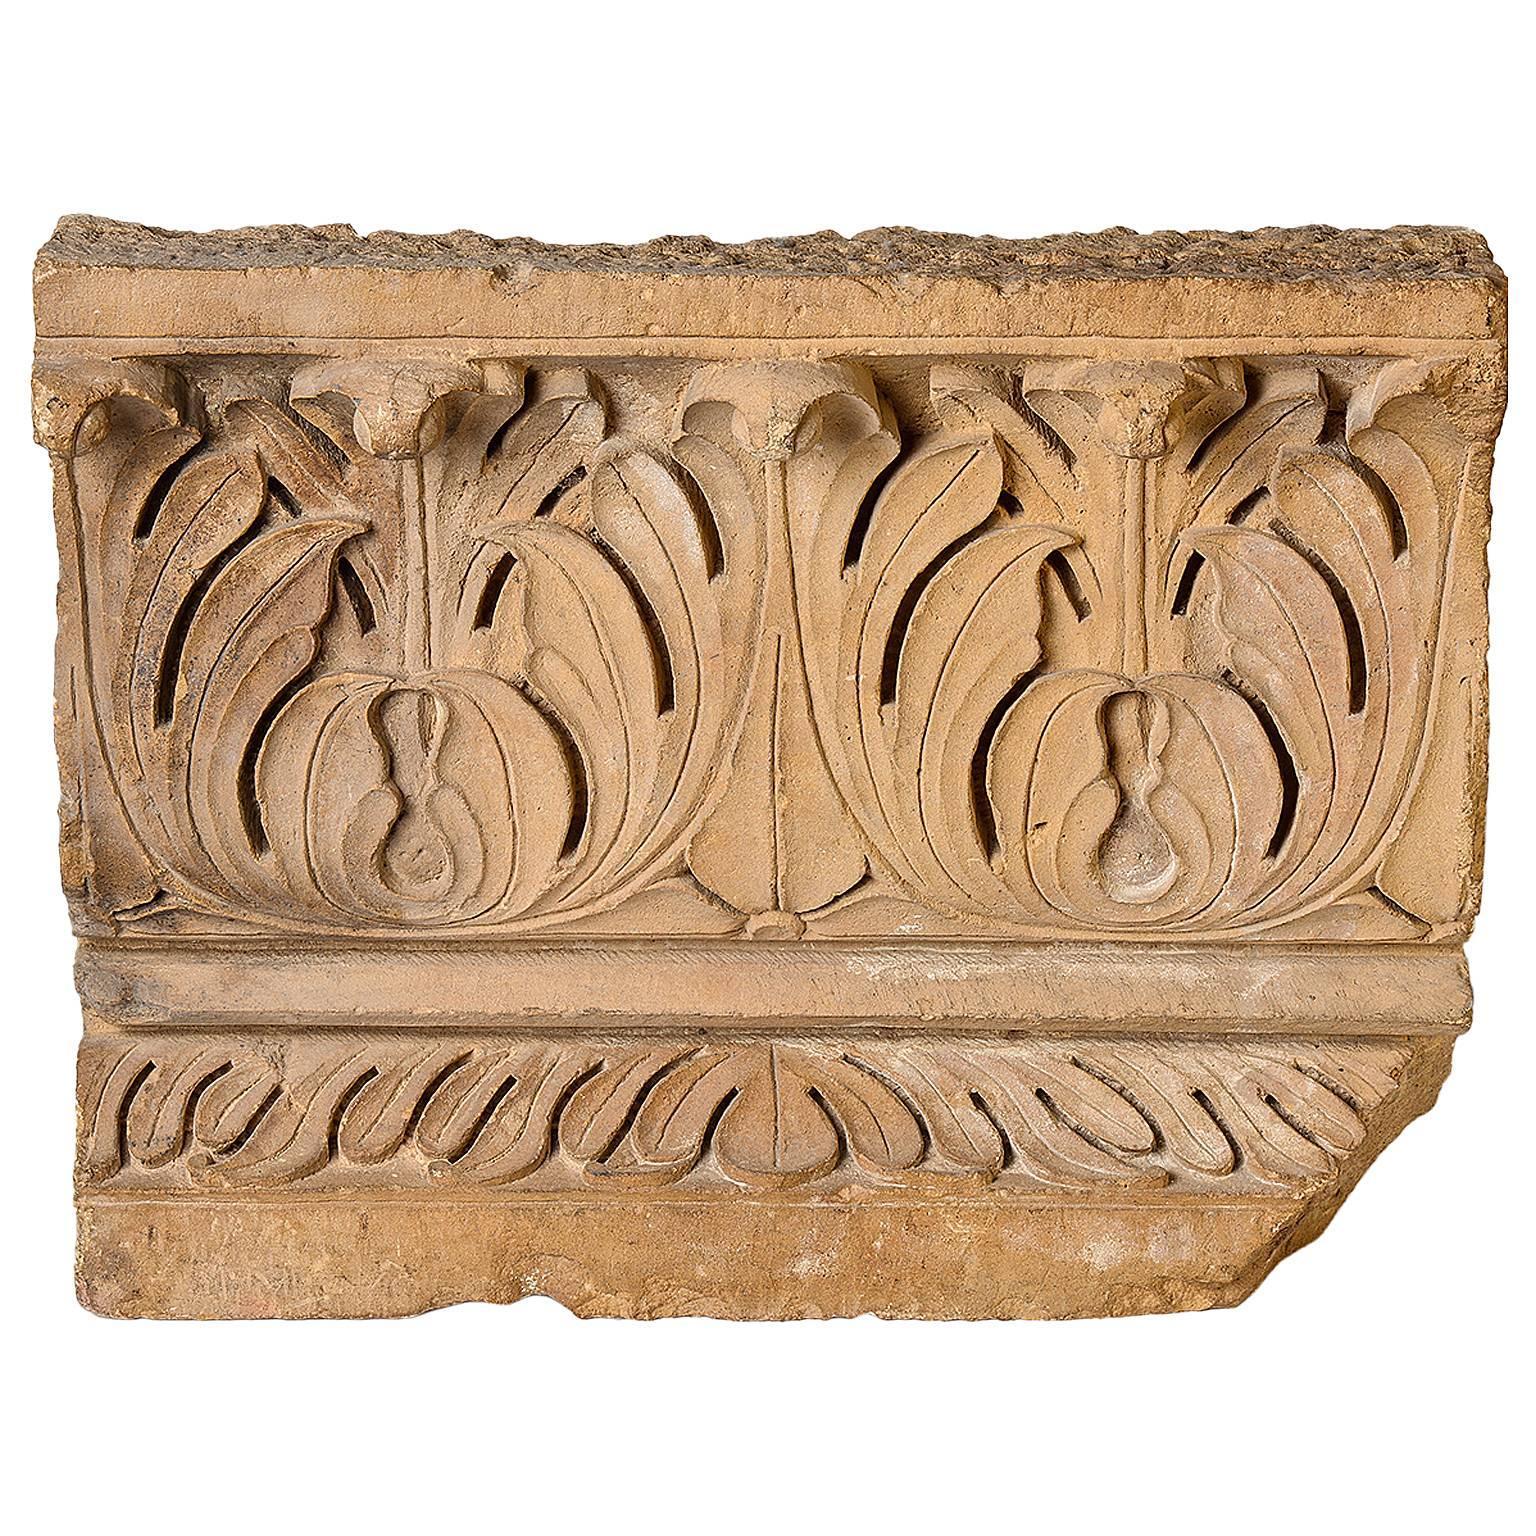 Antique Architectural Mogul Stone Panel